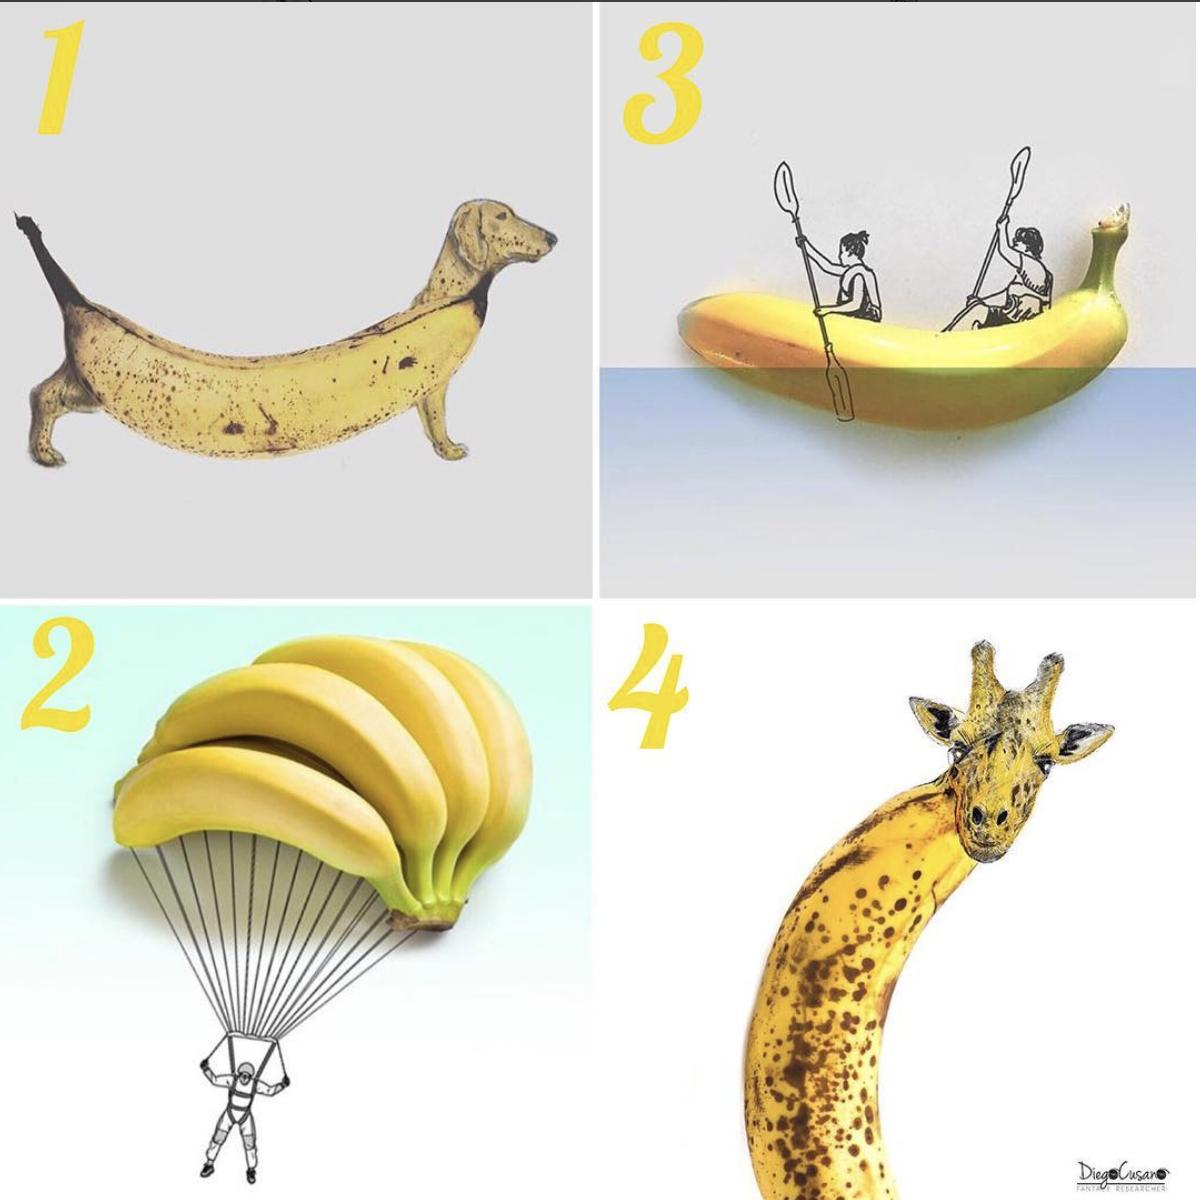 Diego Cusano - banana